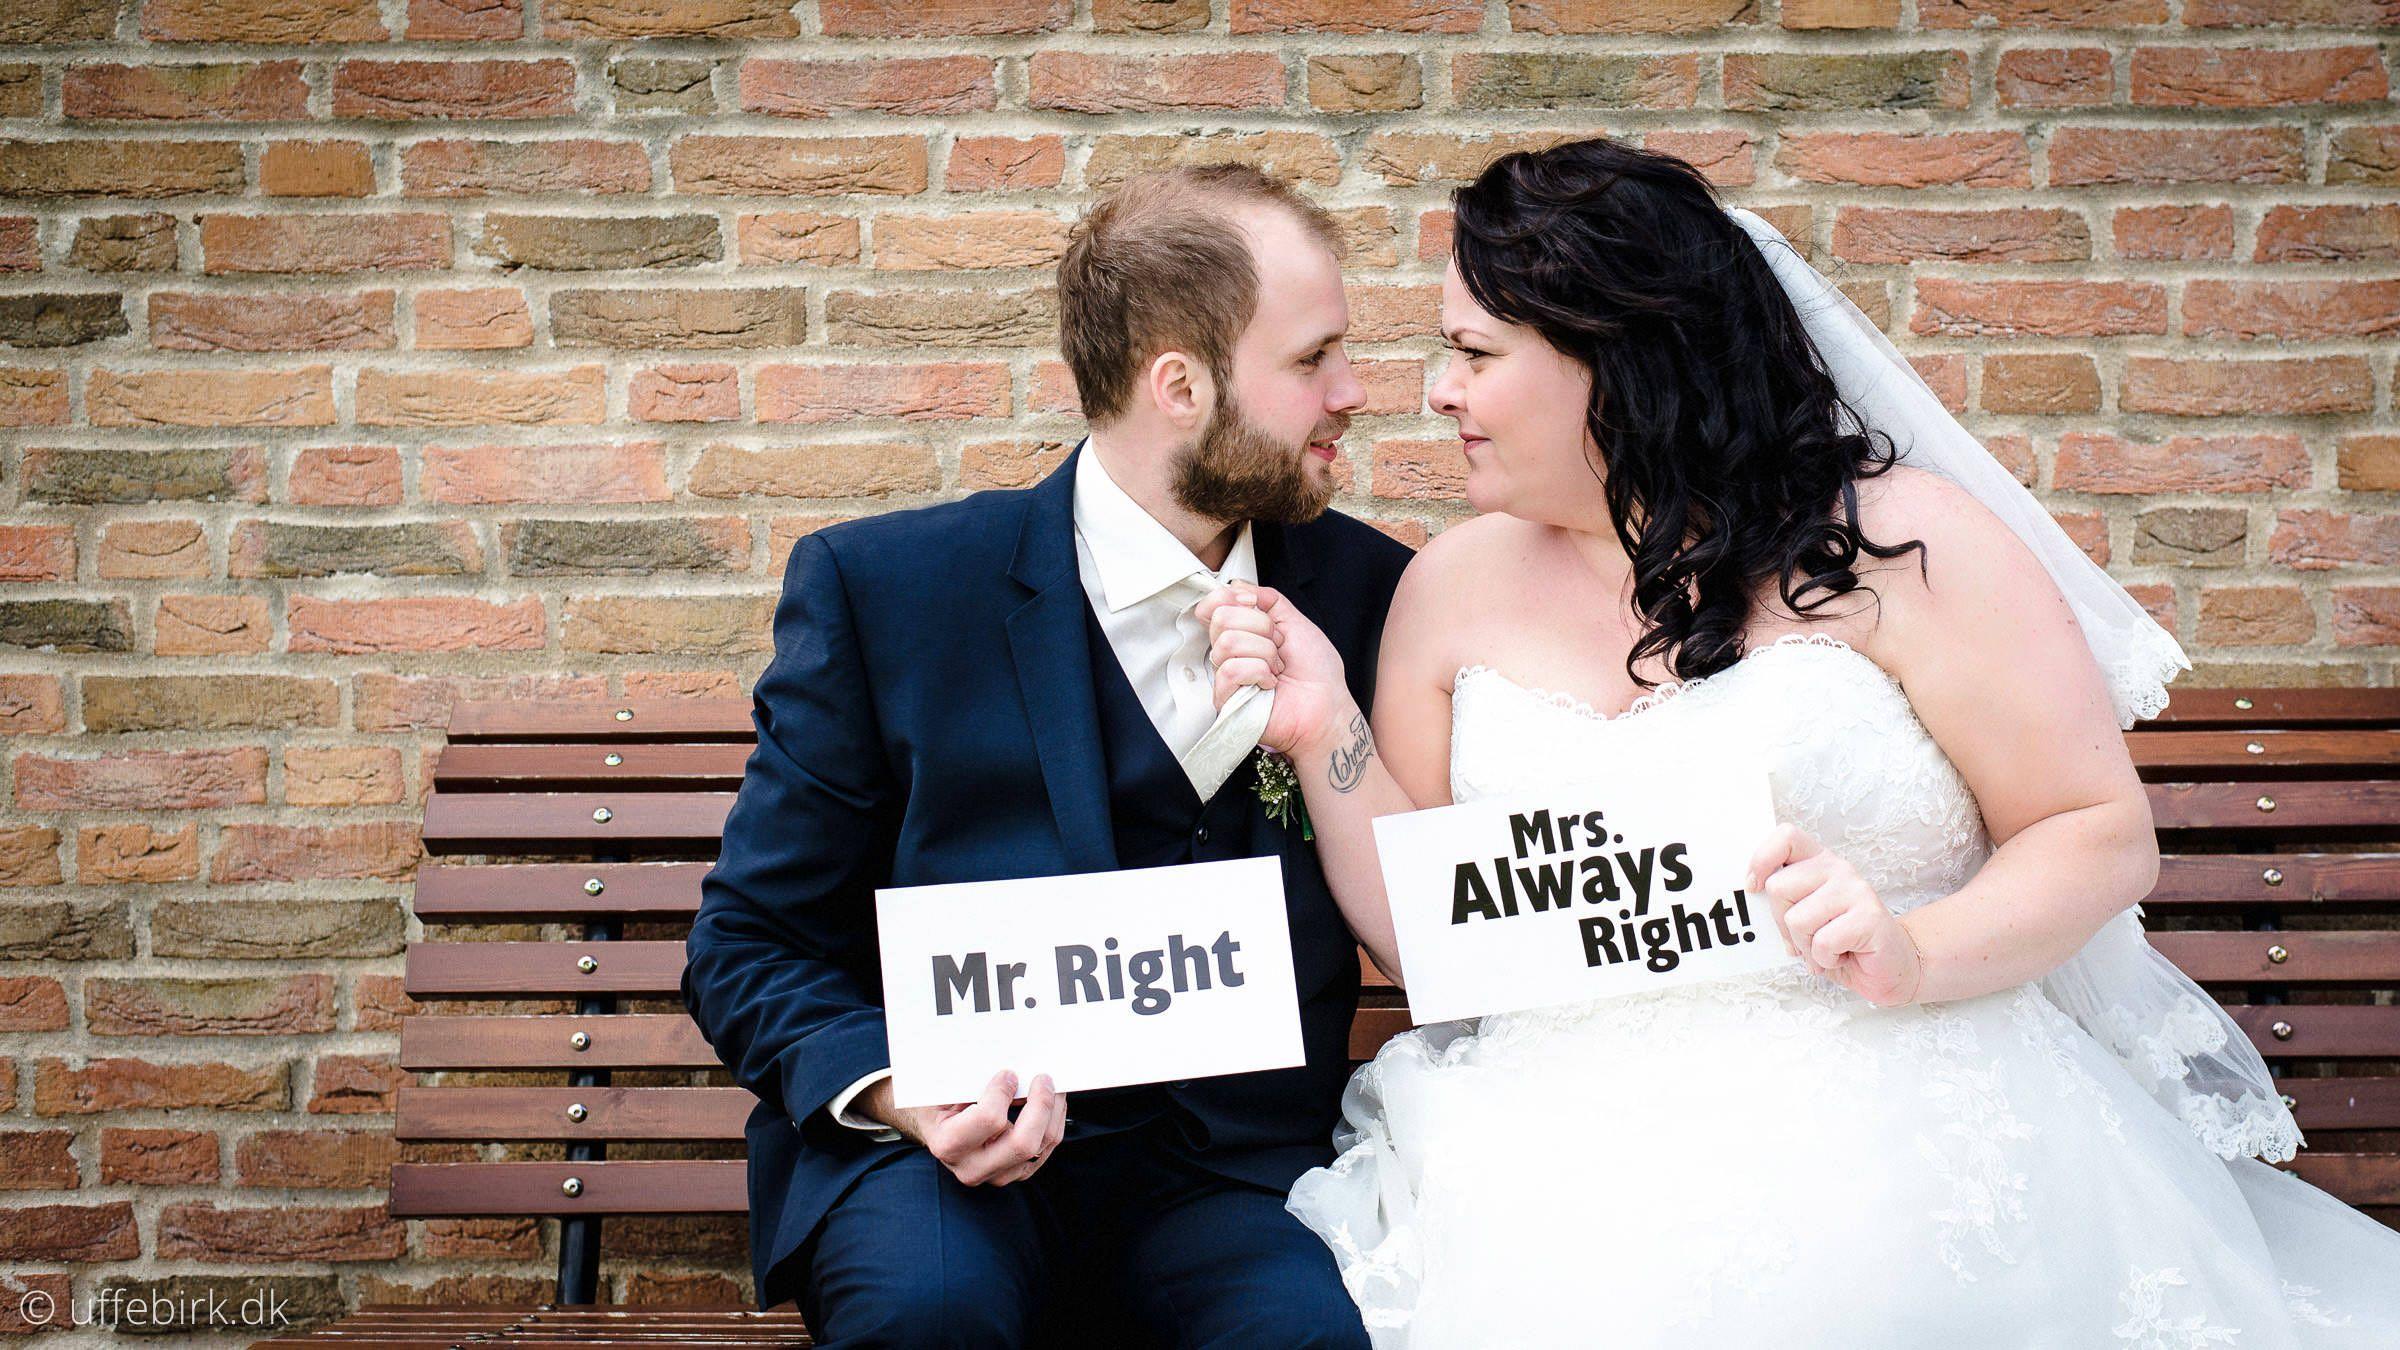 Et Sjovt Billede Som Jeg Tog Til Et Bryllup I Lemvig Brudeparret Havde Selv Medbragt Skiltene Sjov Bryllupsbillede Bry Bryllupsbilleder Sjovt Inspiration